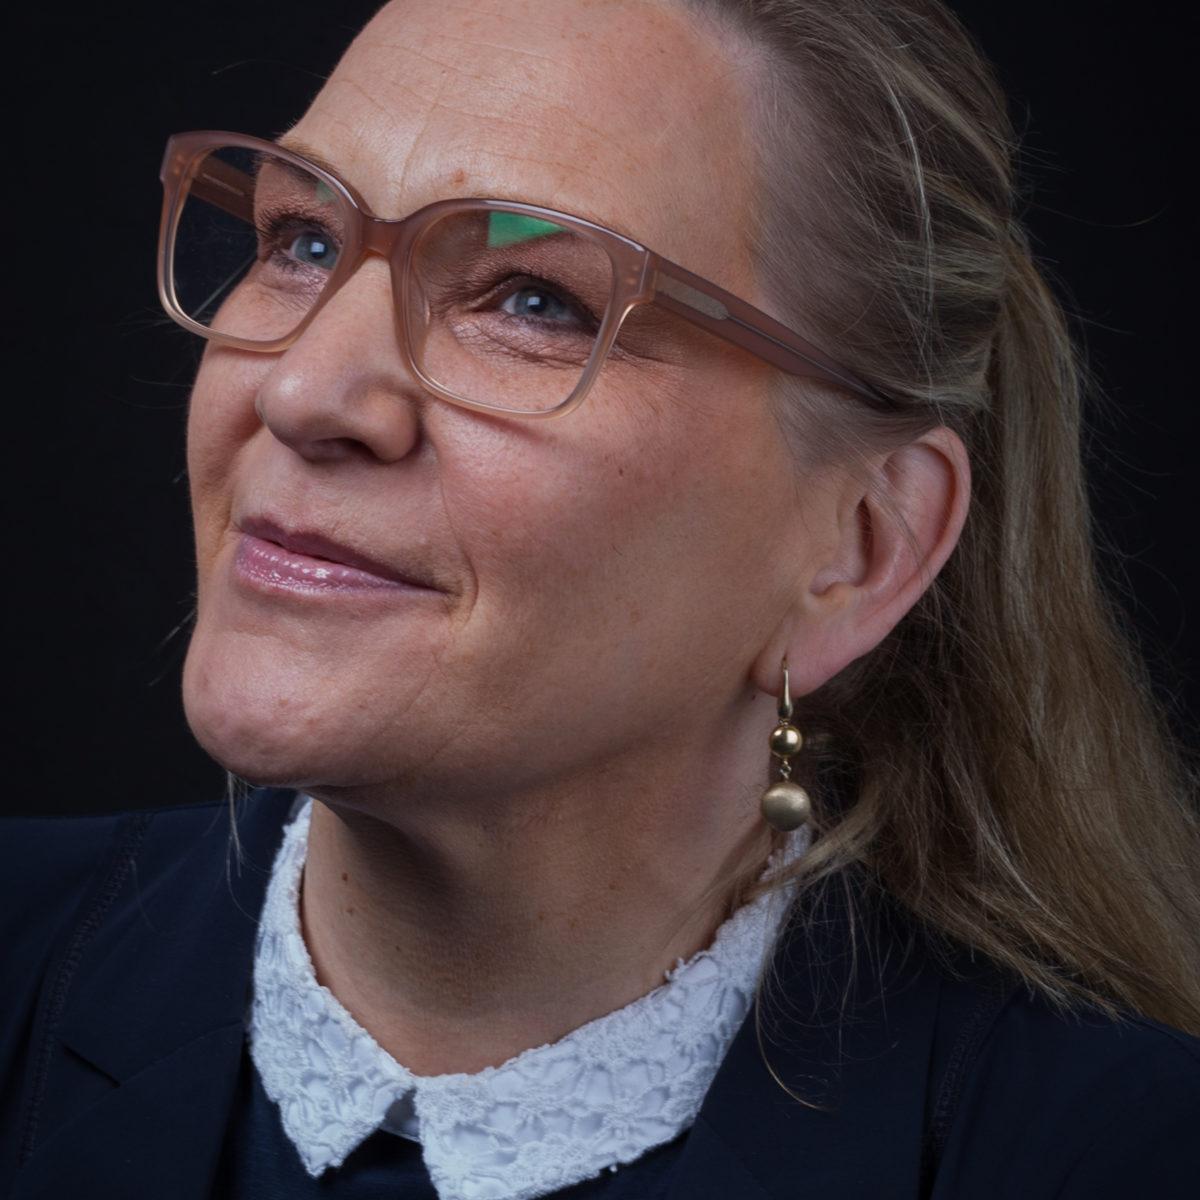 Hanneke Bos